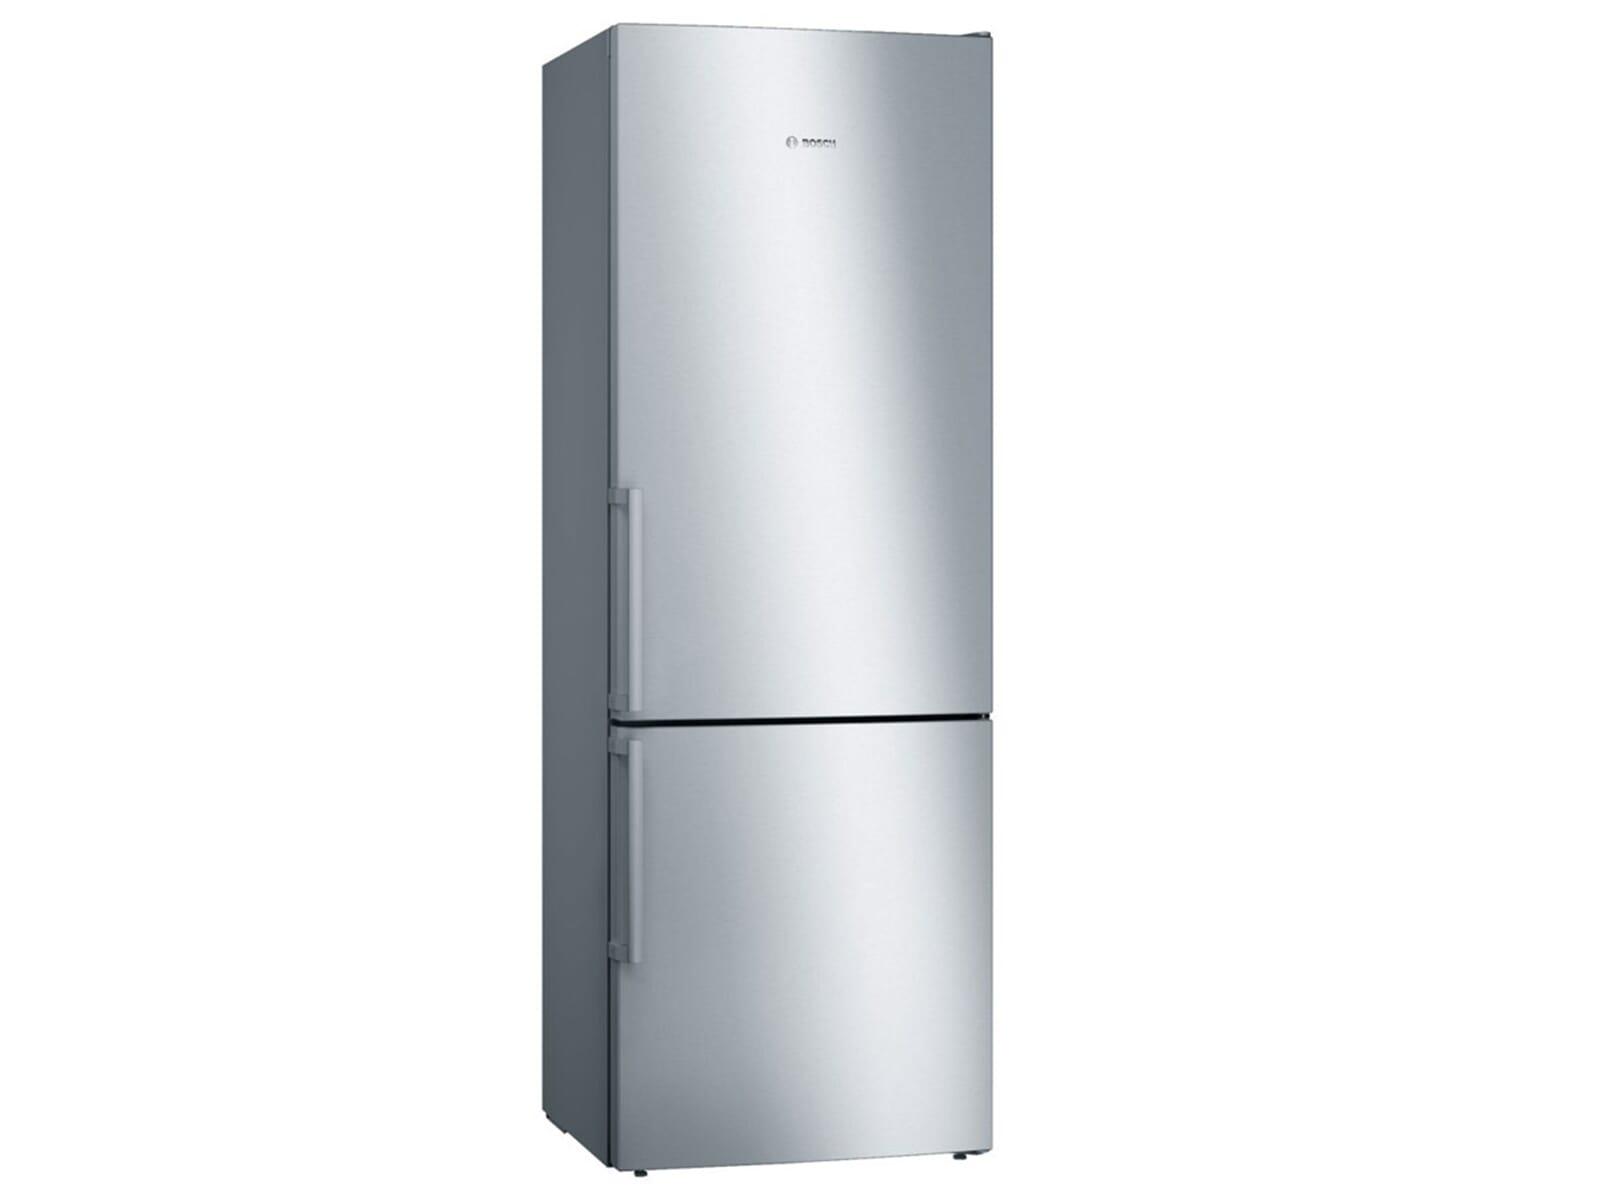 Aeg Kühlschrank Tür Einstellen : Kühlschrank schlepptür einstellen kühlschrank modelle